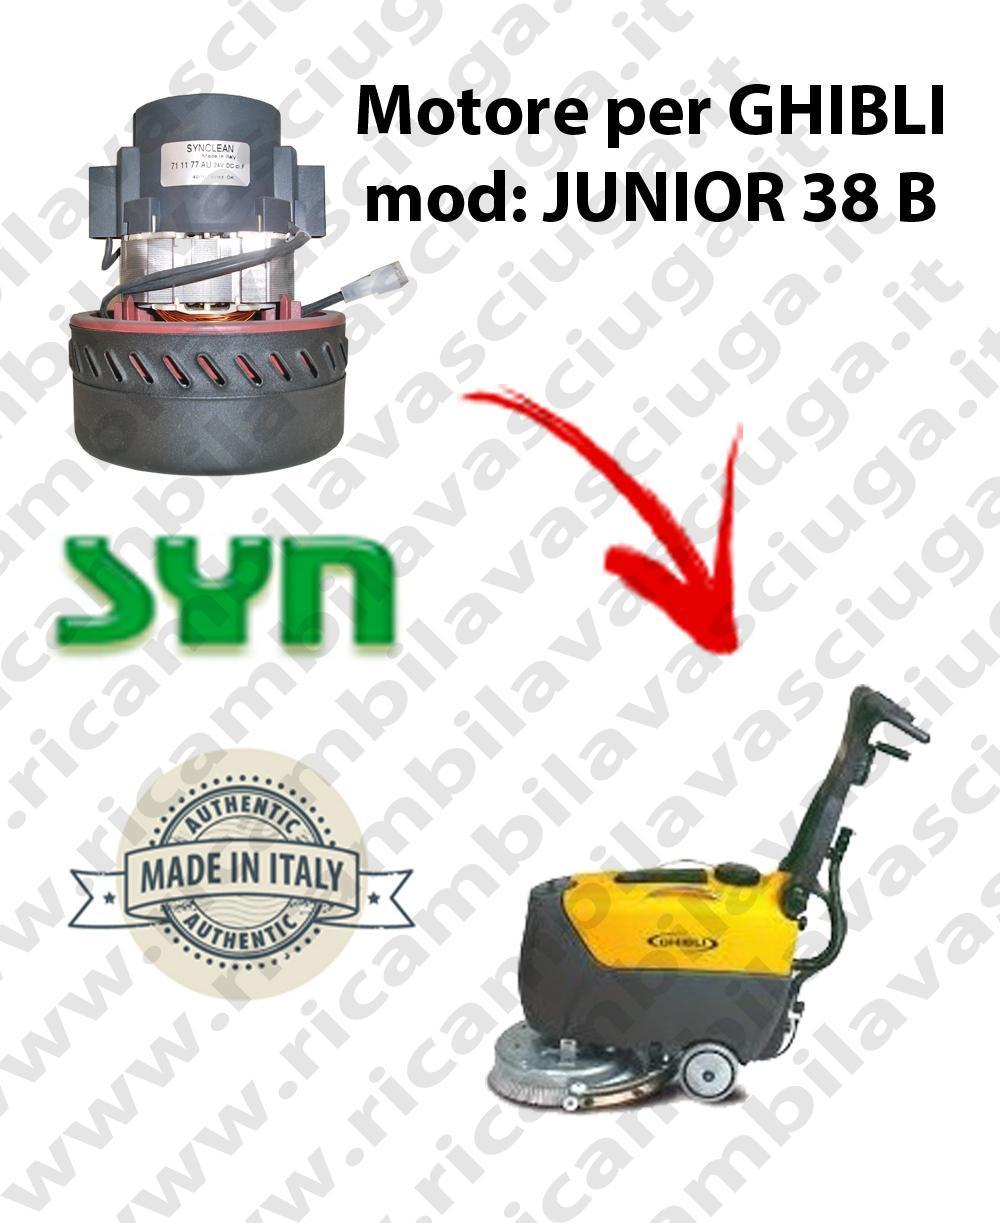 JUNIOR 38 B Saugmotor SYNCLEAN für scheuersaugmaschinen GHIBLI